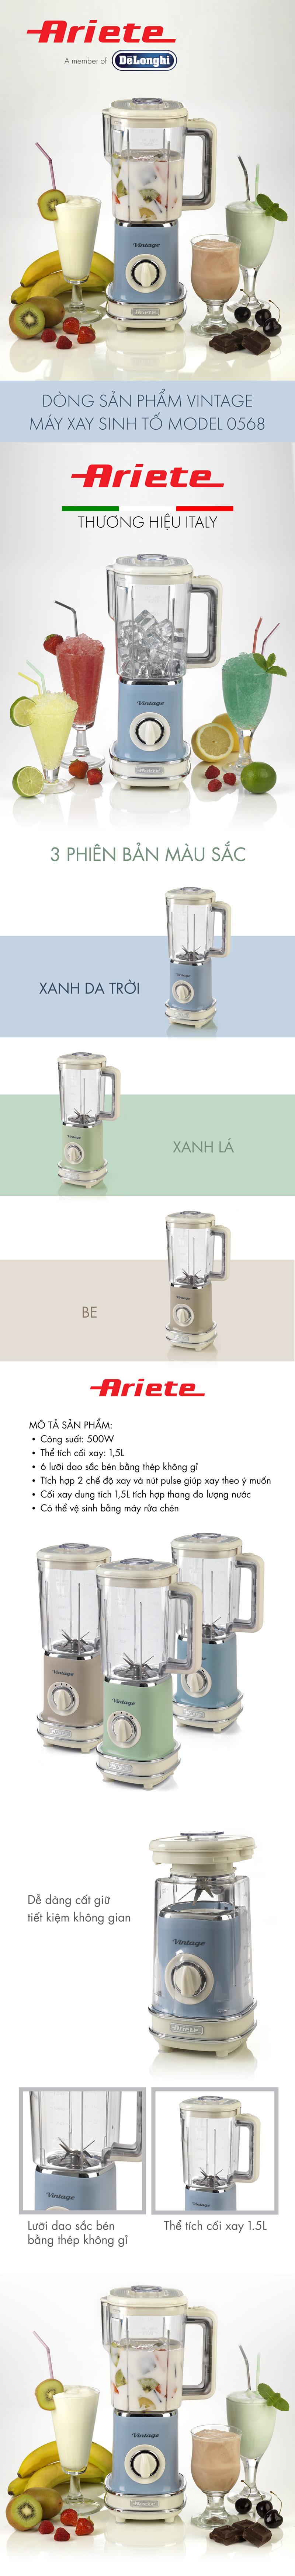 Máy Xay Sinh Tố Ariete MOD/04 (Màu Kem) 0568/03 (1.5 lít) - Hàng chính hãng